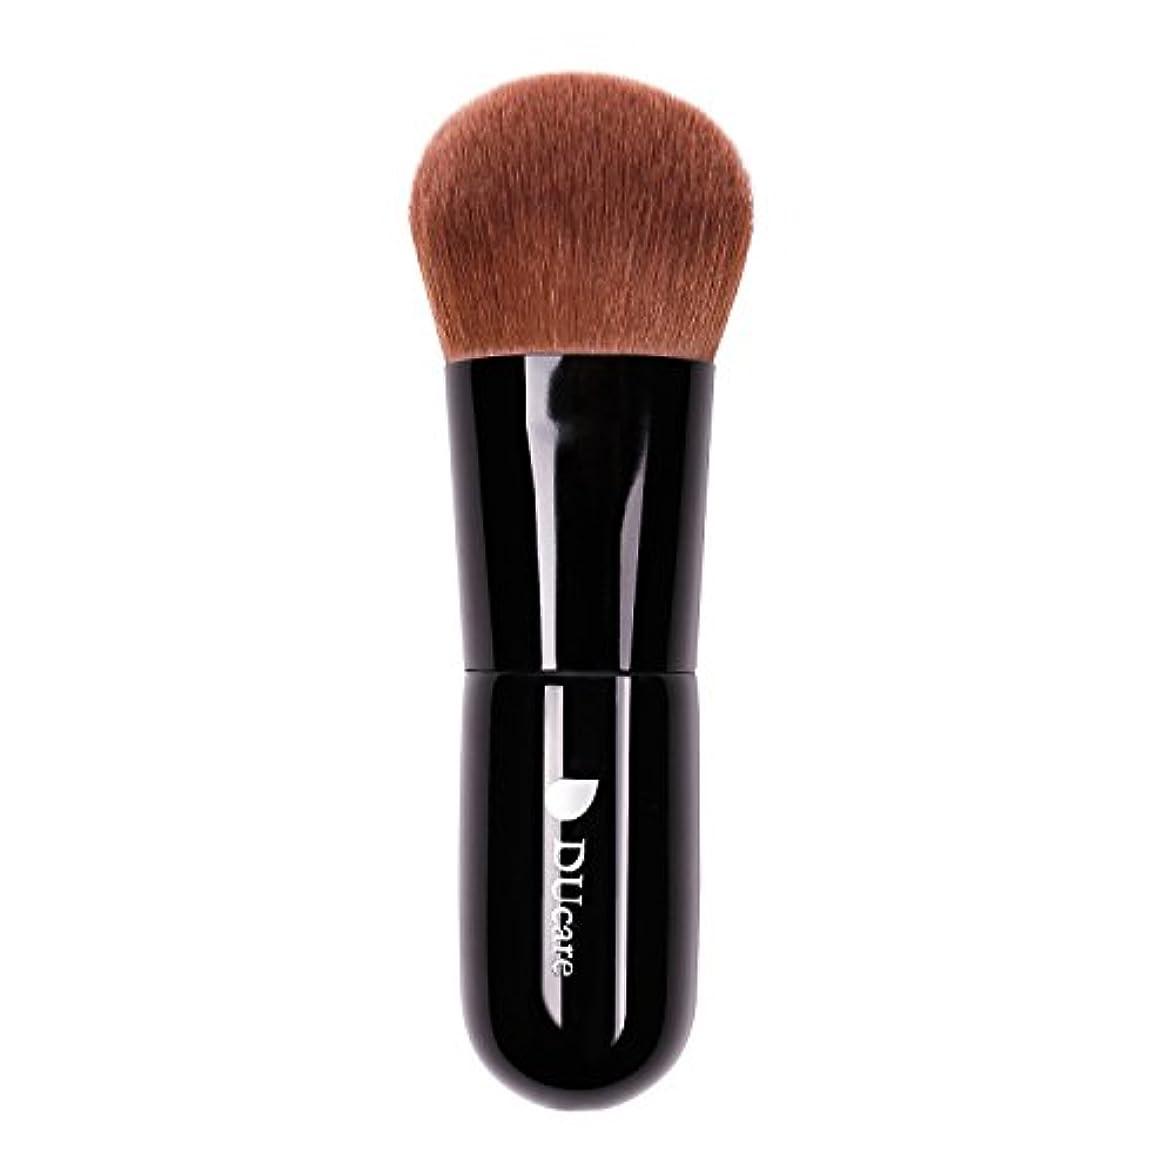 合併症ティッシュブームドゥケア(DUcare) 化粧筆 ファンデーションブラシ フェイスブラシ 最高級のタクロンを使用